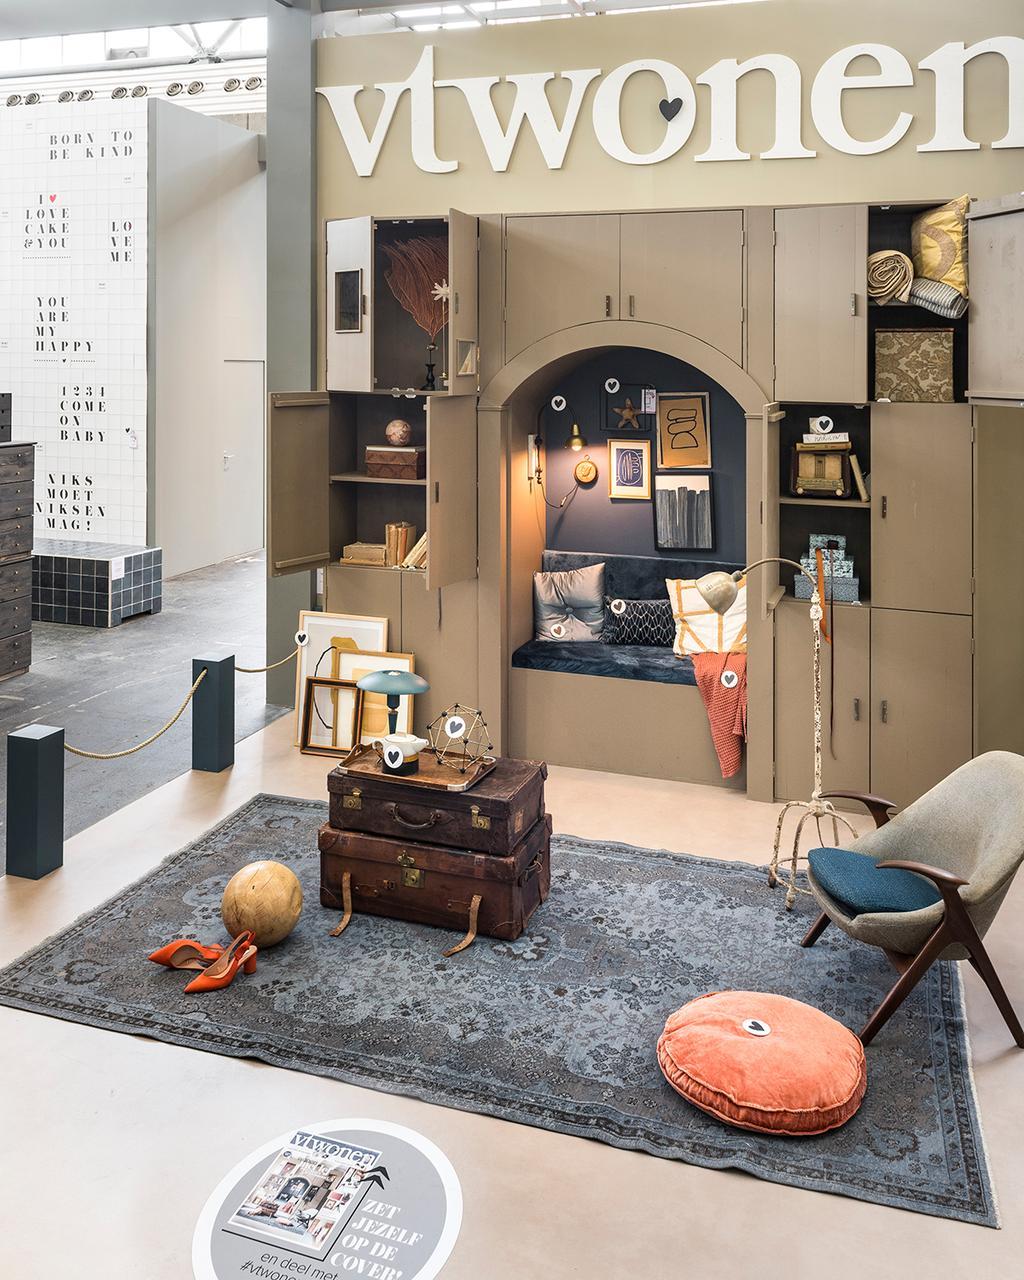 De cover in het vtwonen huis op de vt wonen&design beurs.